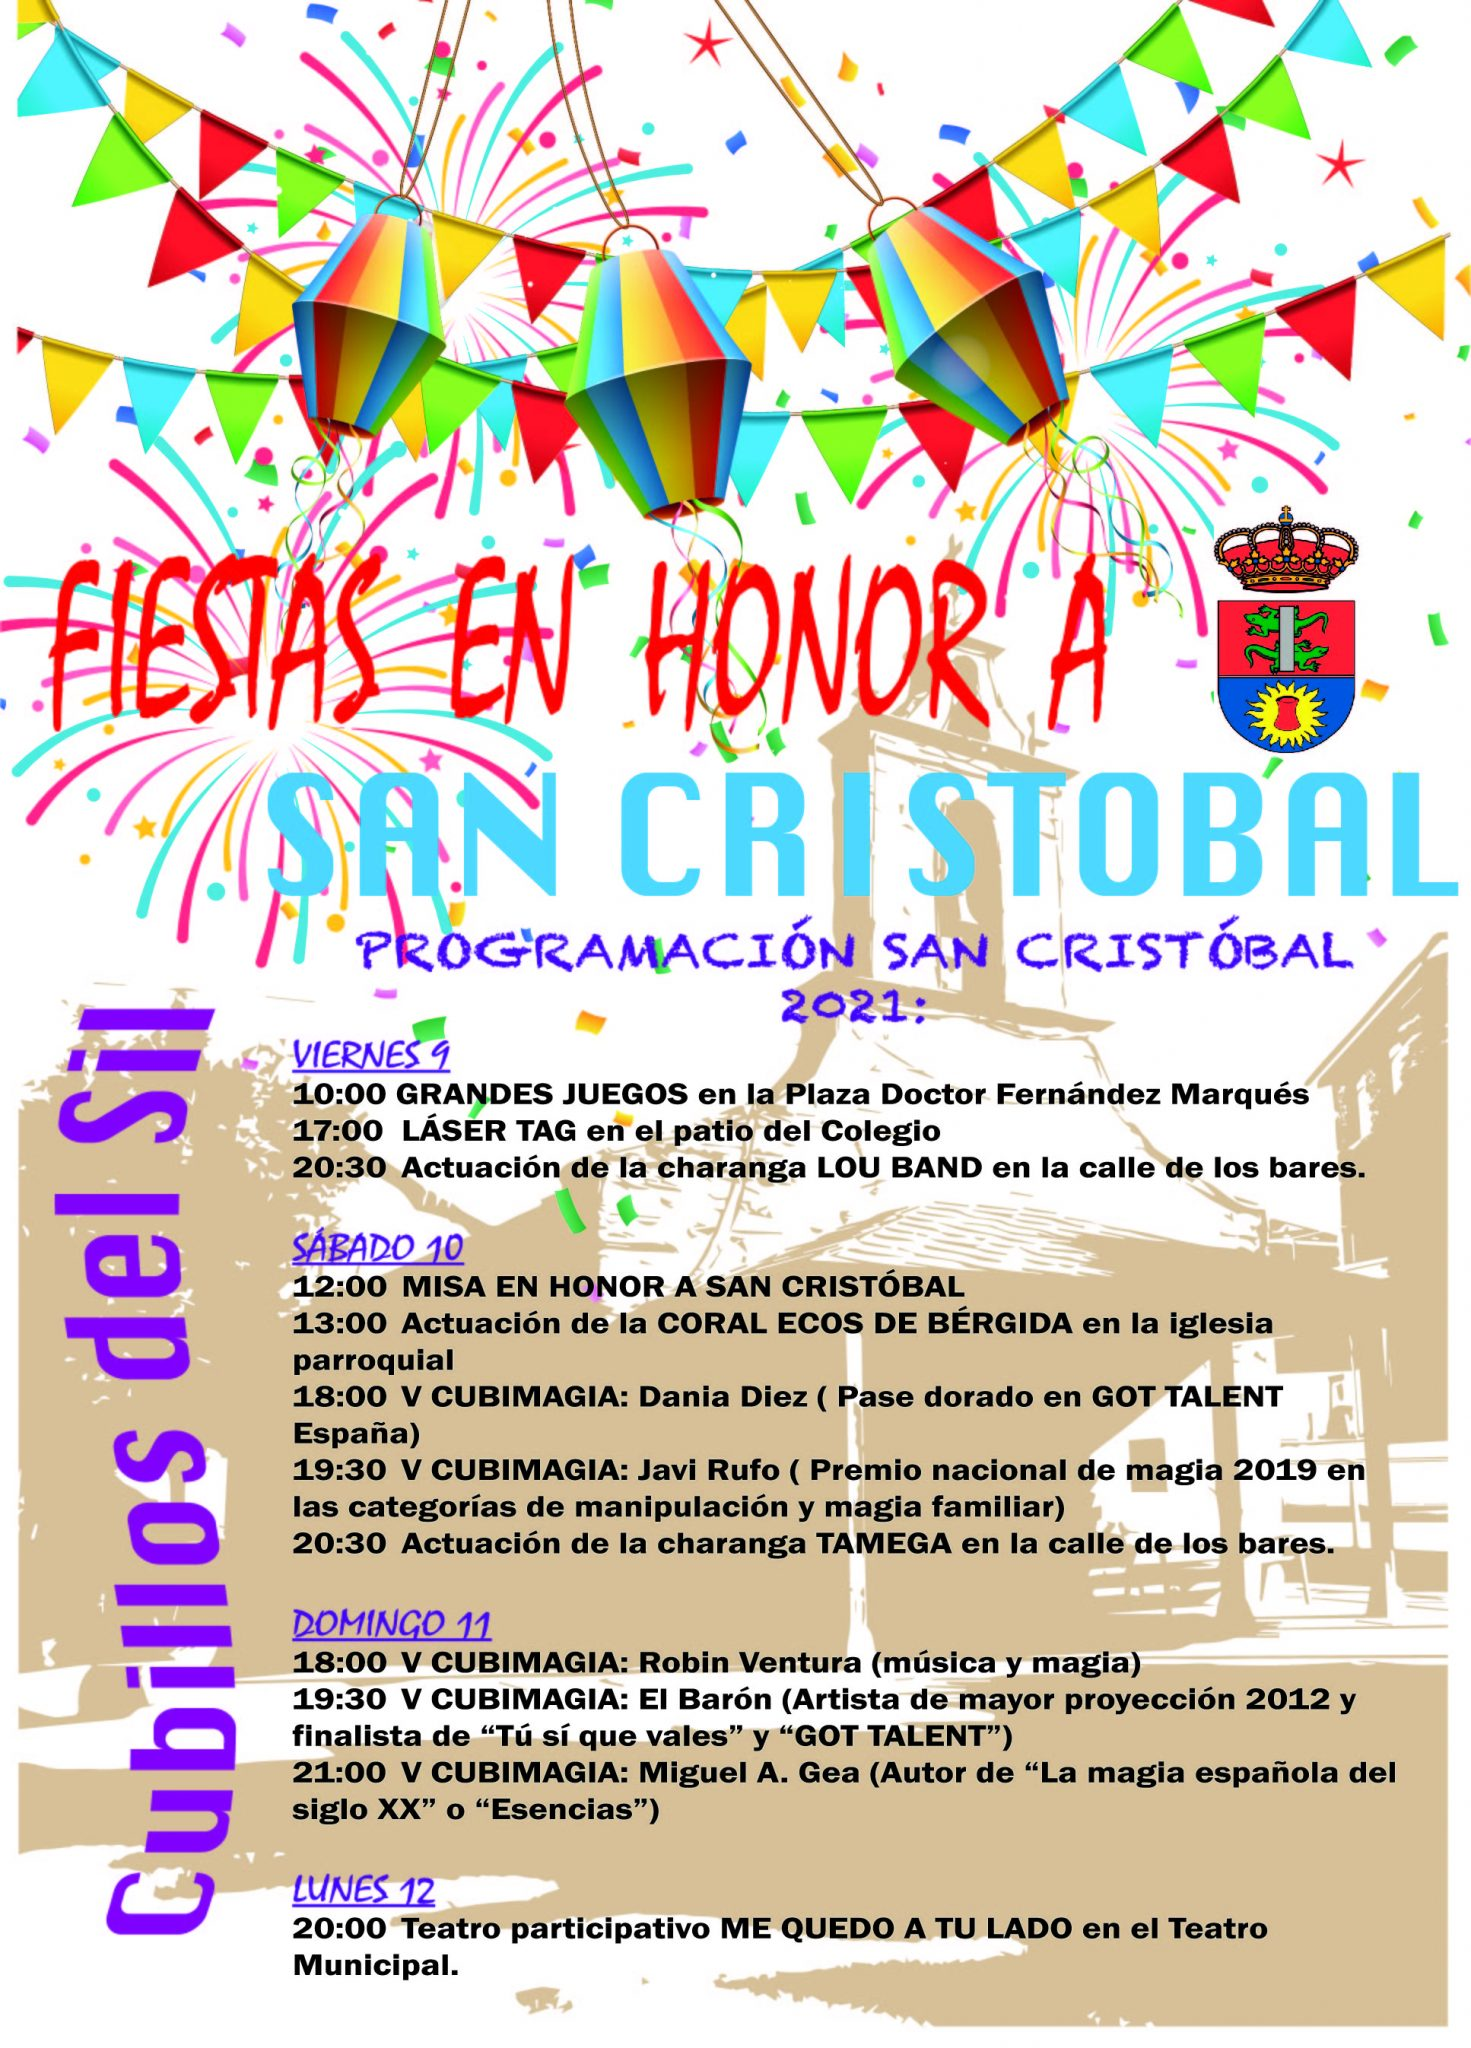 Cubillos del Sil celebra San Cristobal 2021 con actividades para todos del 9 al 12 de julio 5